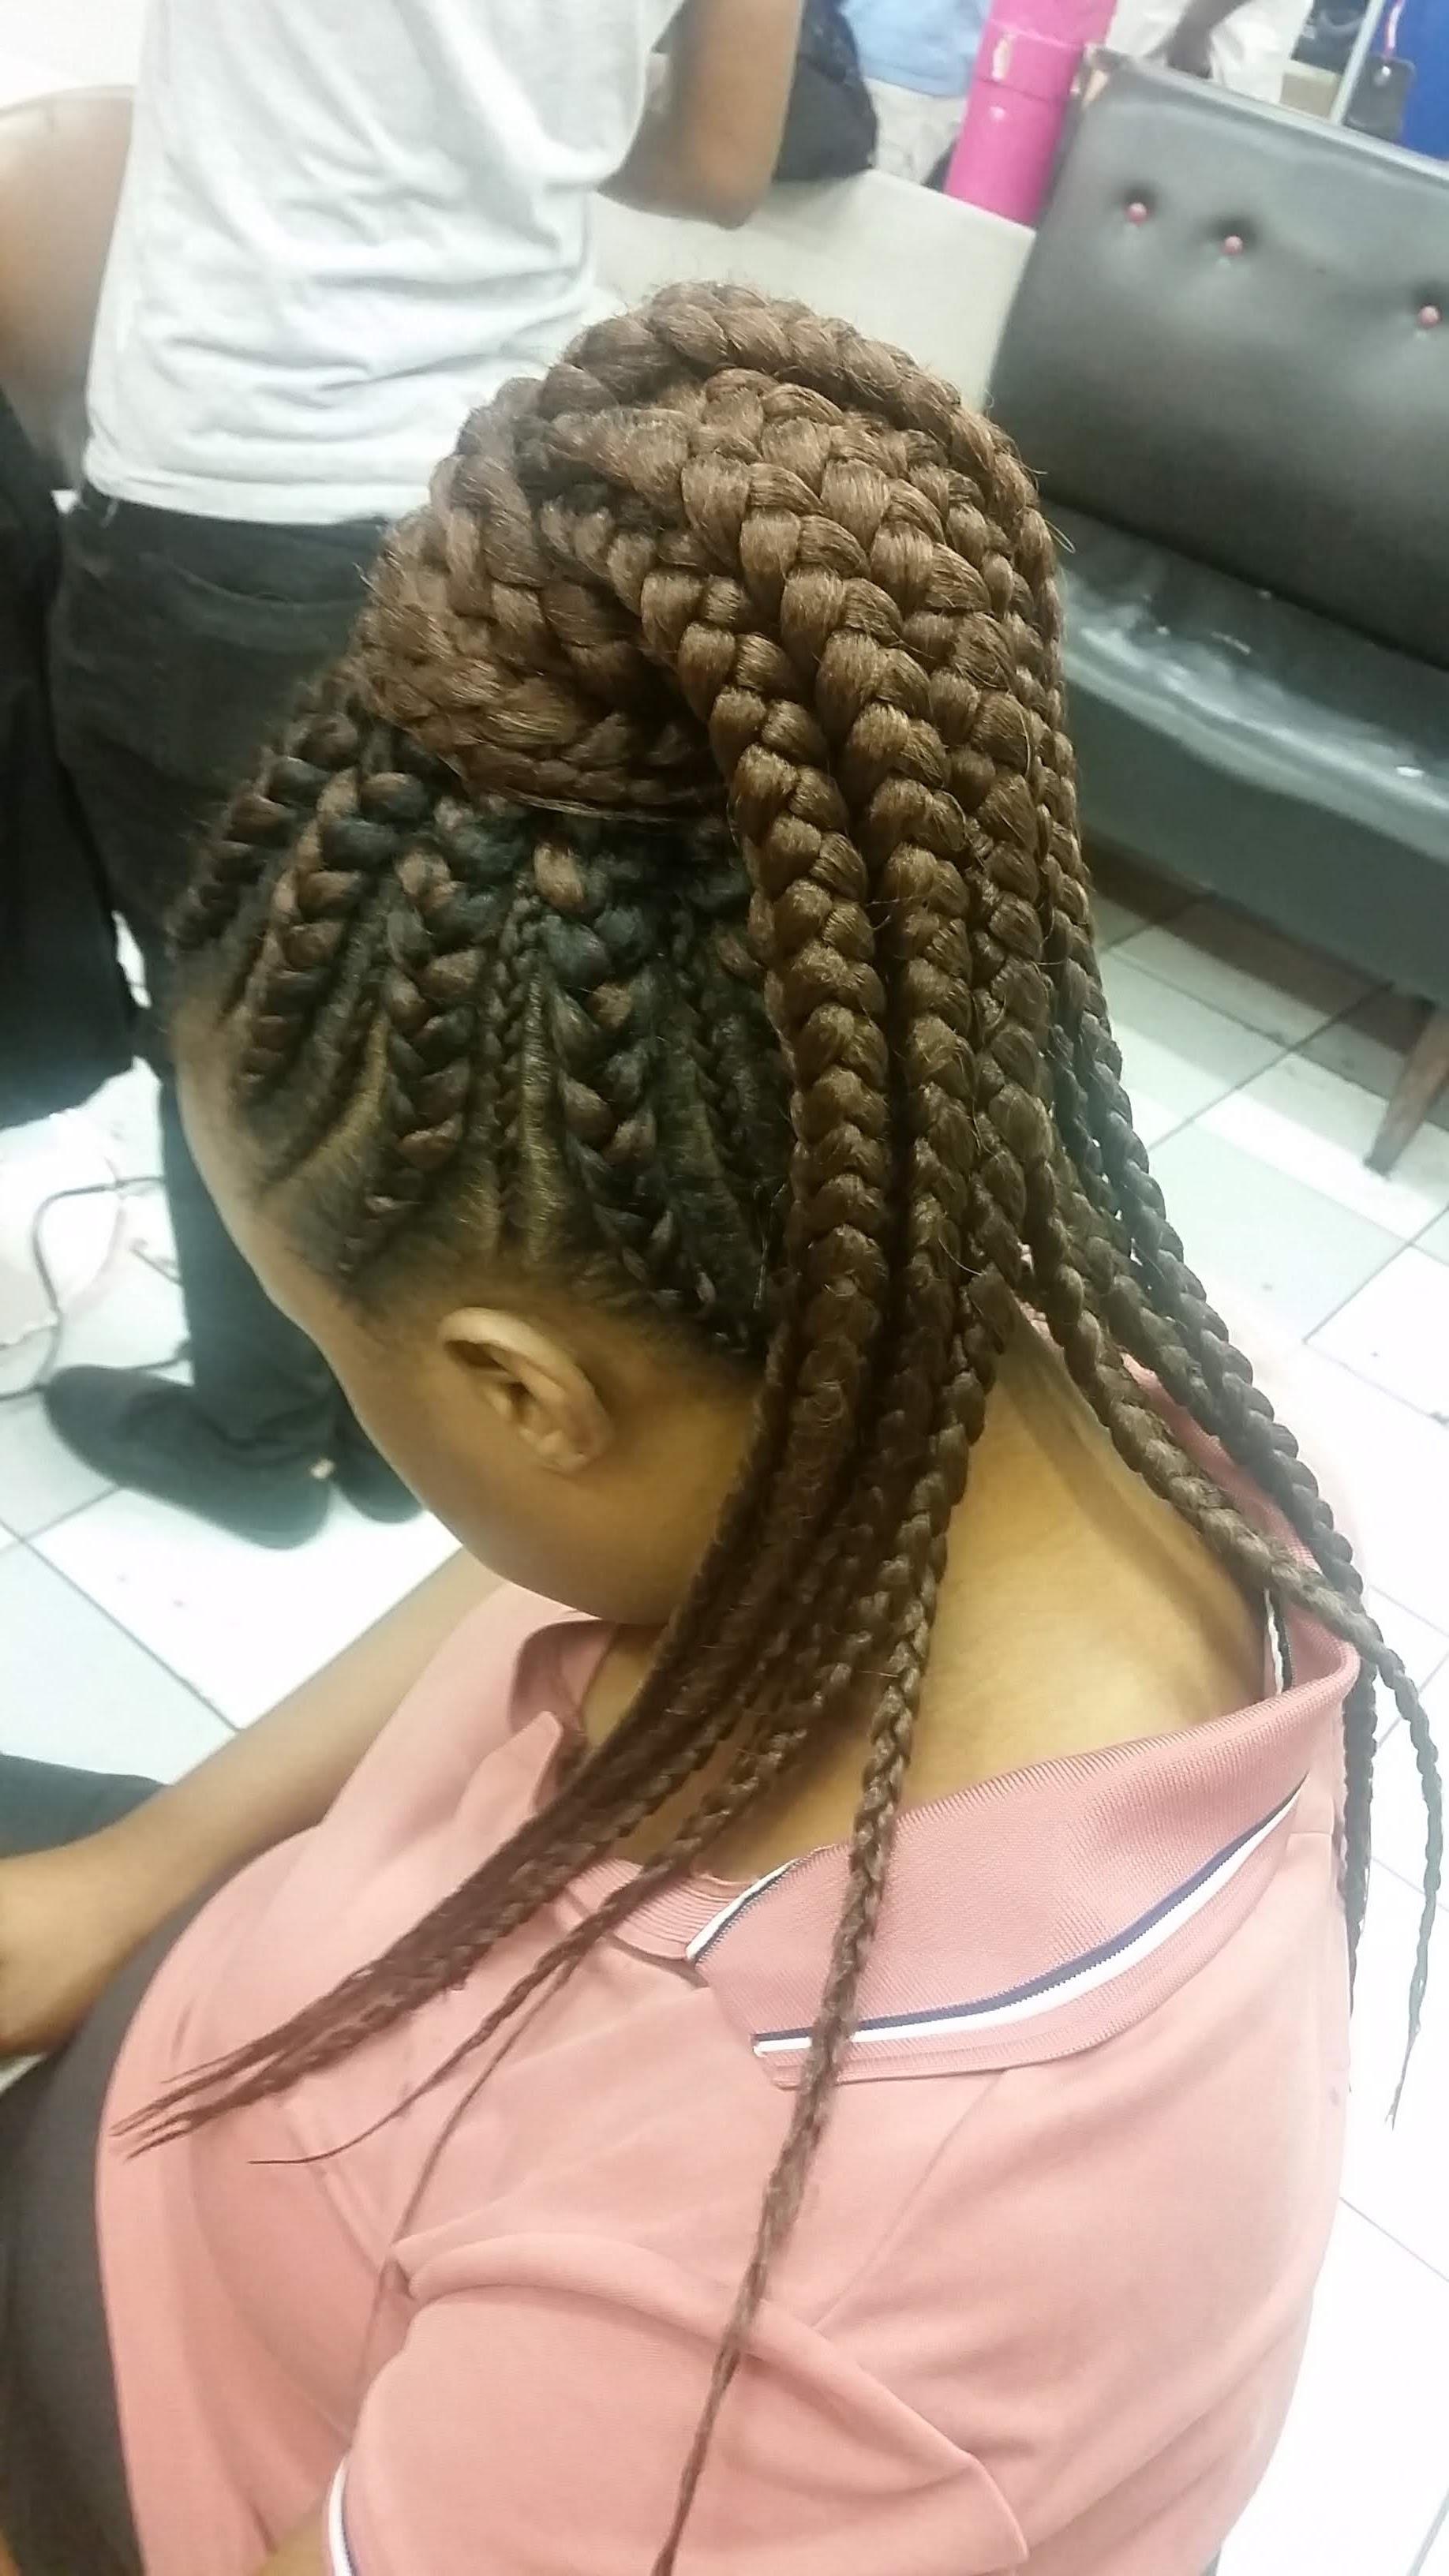 salon de coiffure afro tresse tresses box braids crochet braids vanilles tissages paris 75 77 78 91 92 93 94 95 DPJYNQMH